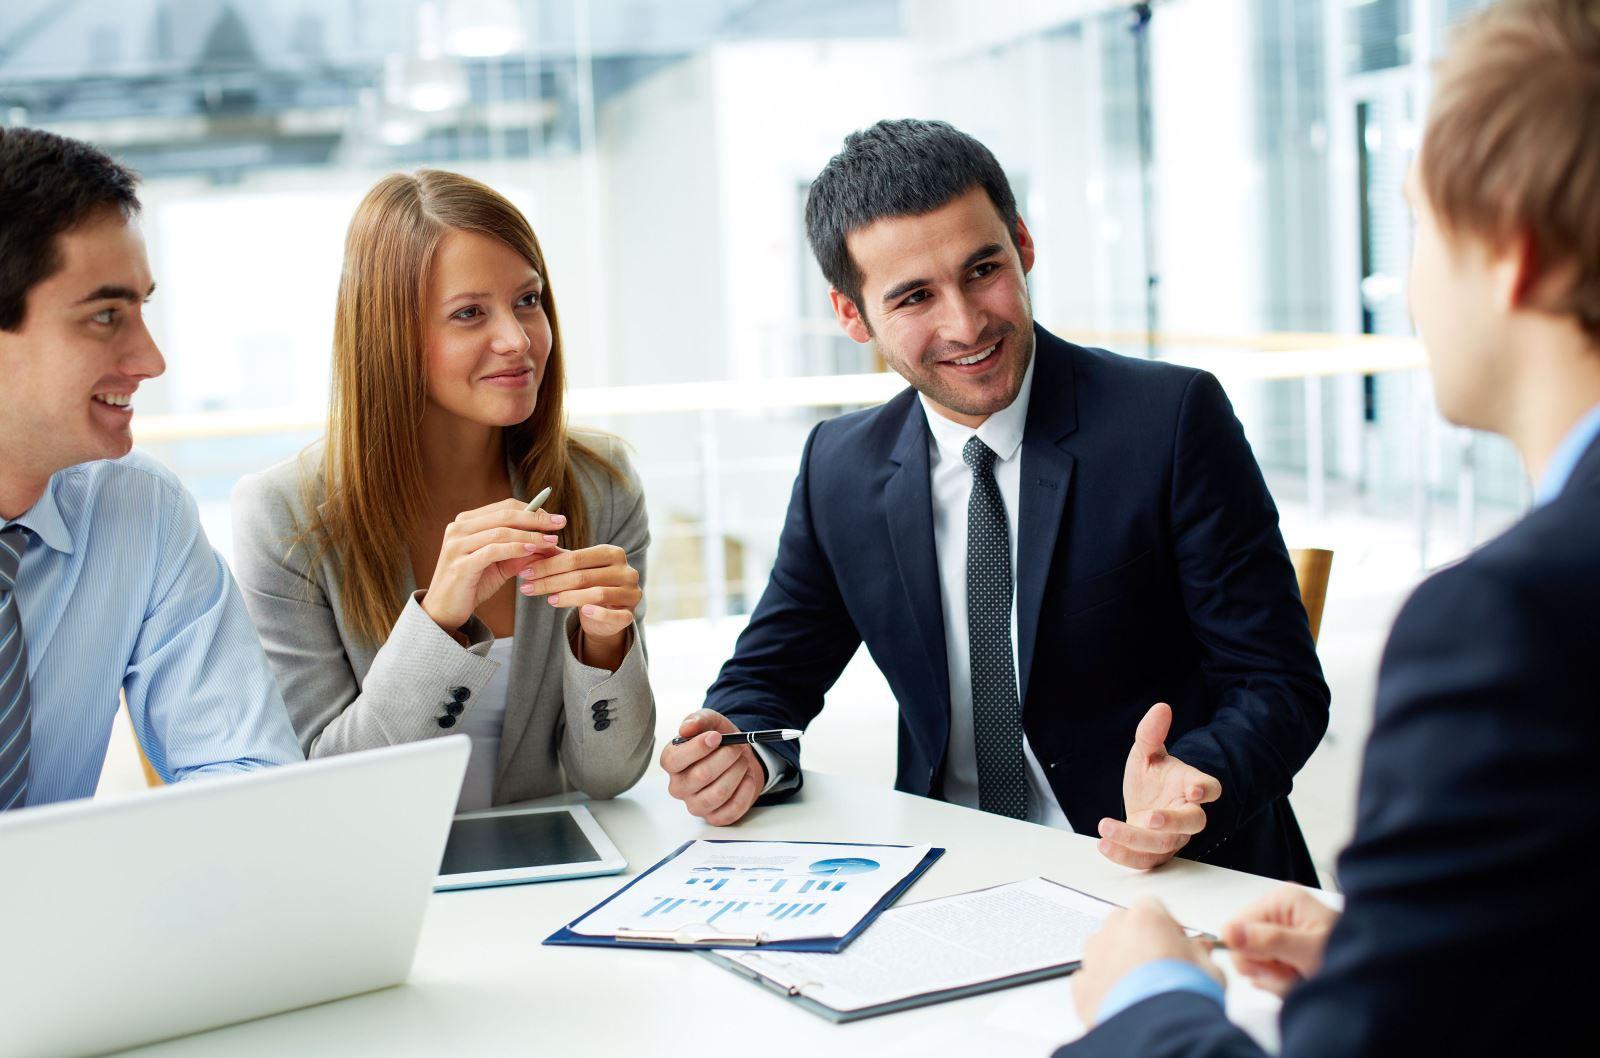 khả năng lãnh đạo - photo 1 15577243388991776723872 - 5 chiến lược thú vị giúp bạn xây dựng kĩ năng lãnh đạo